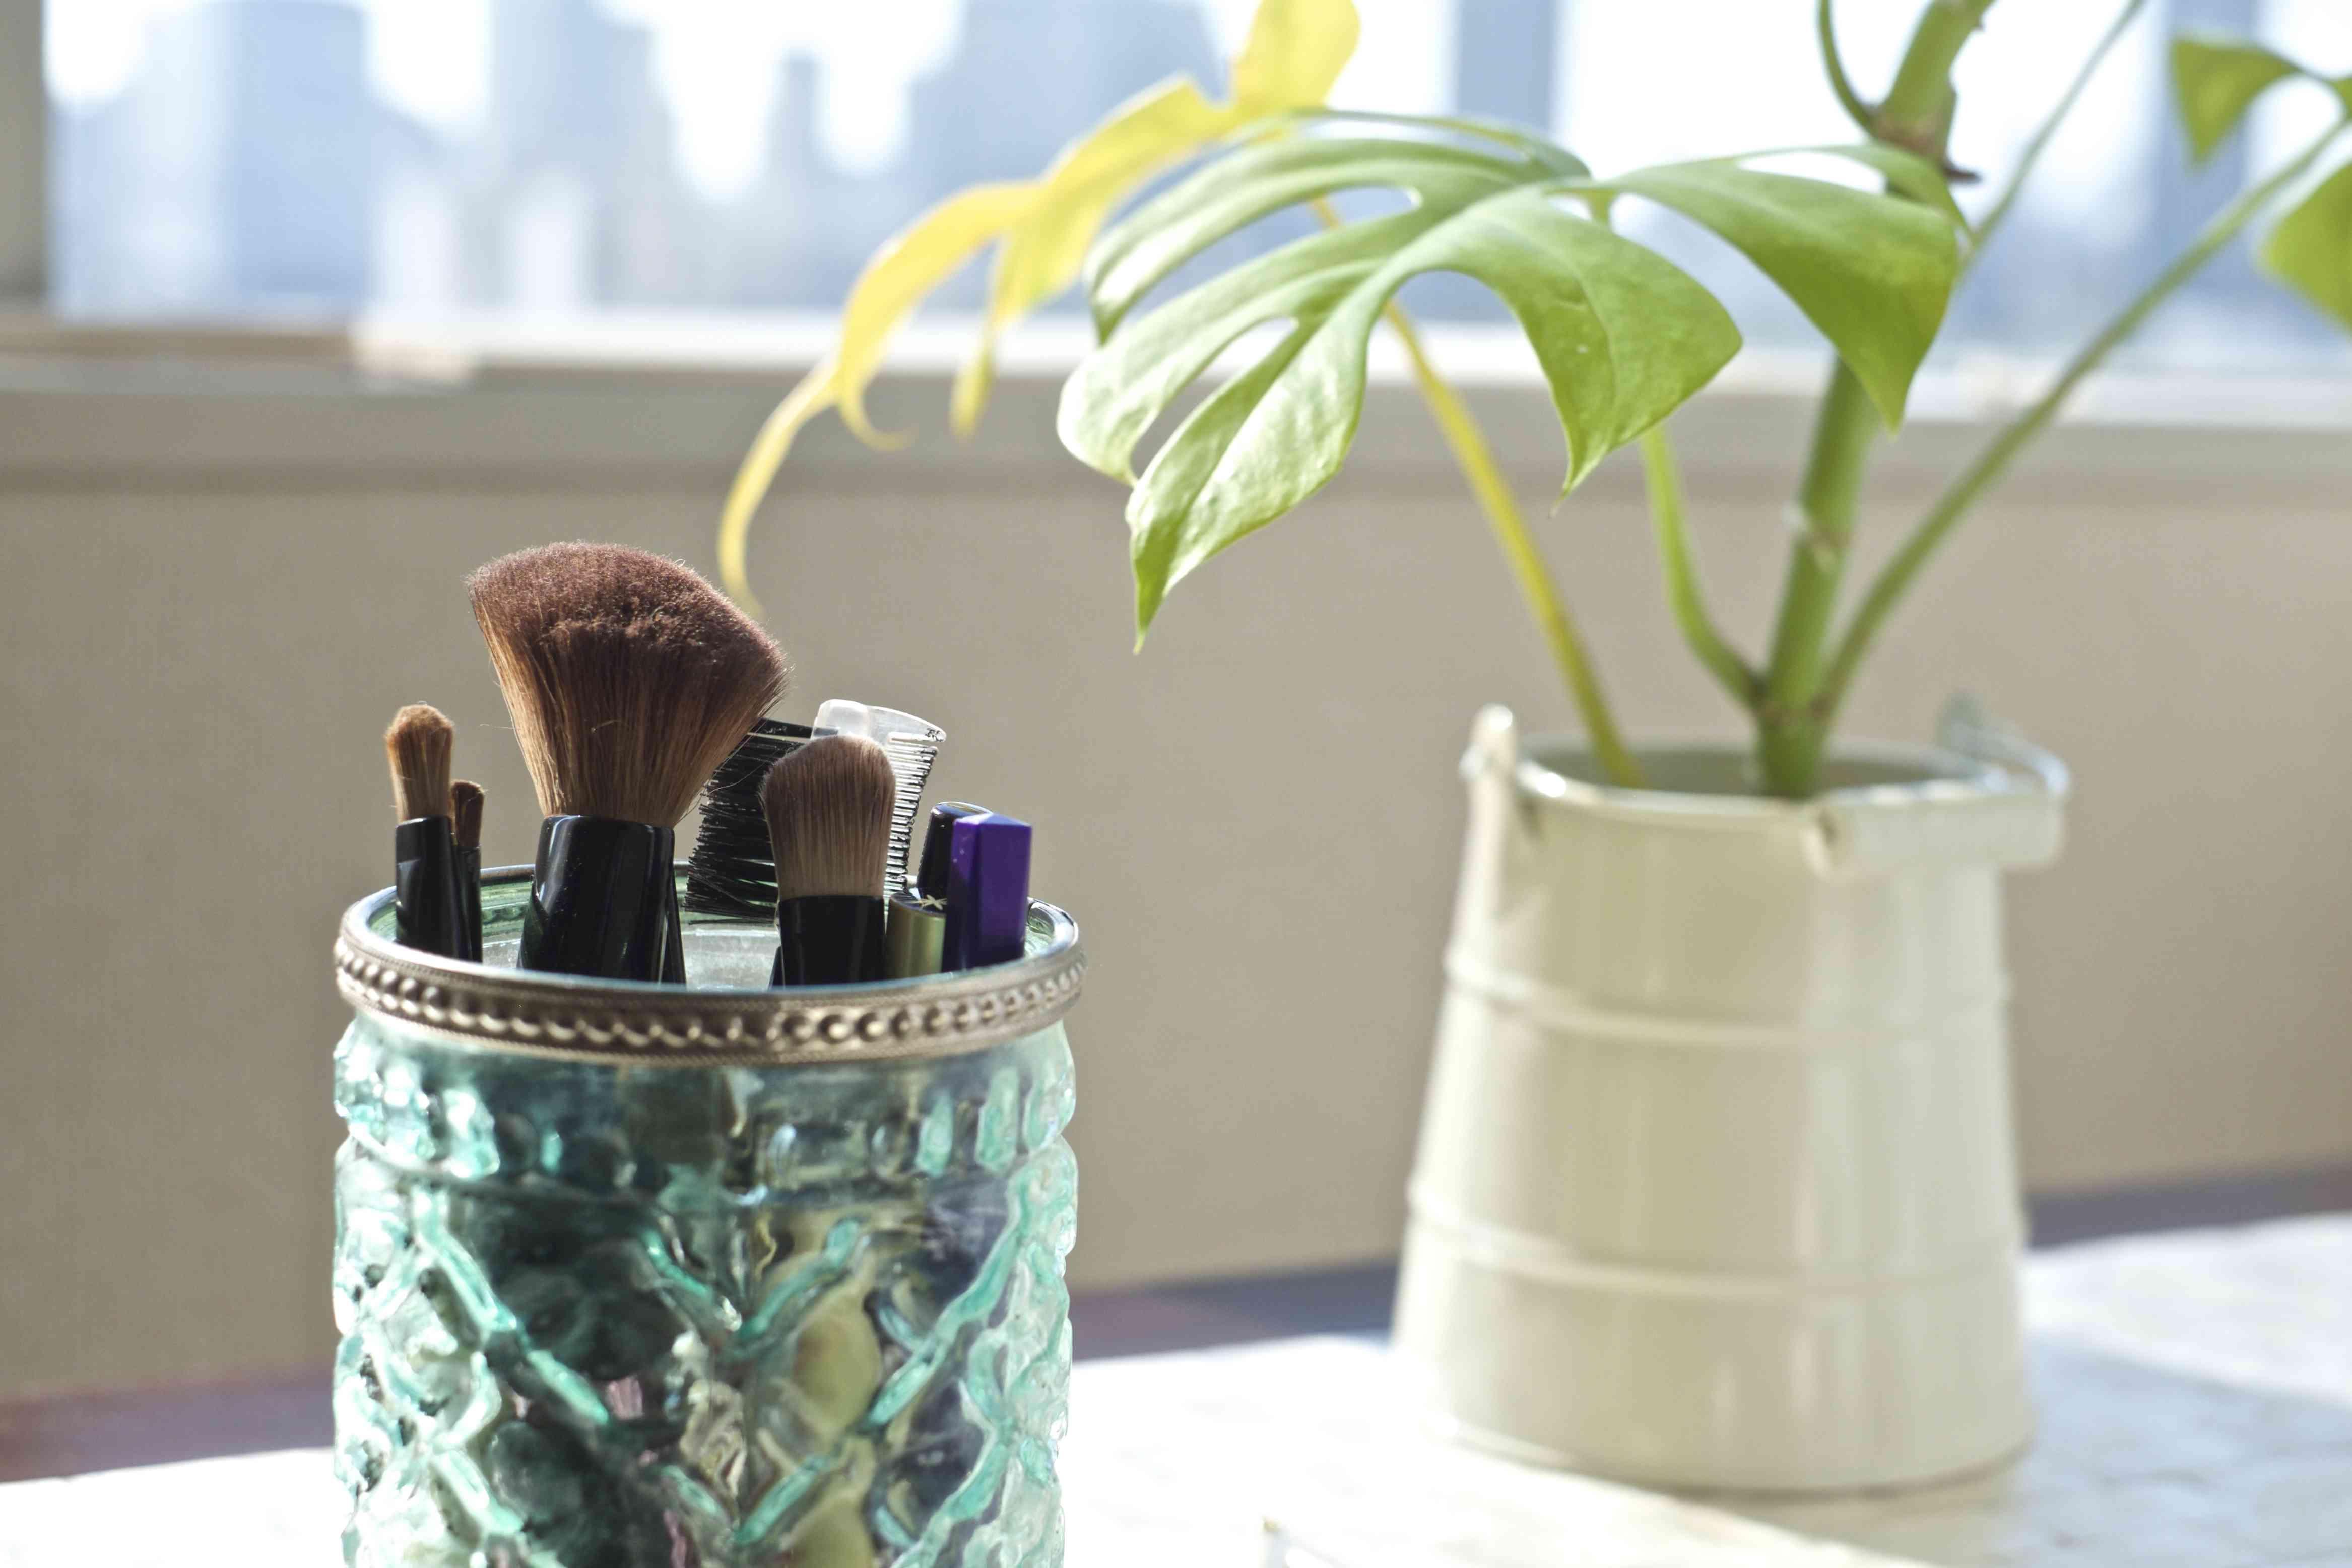 Makeup brushes in jar